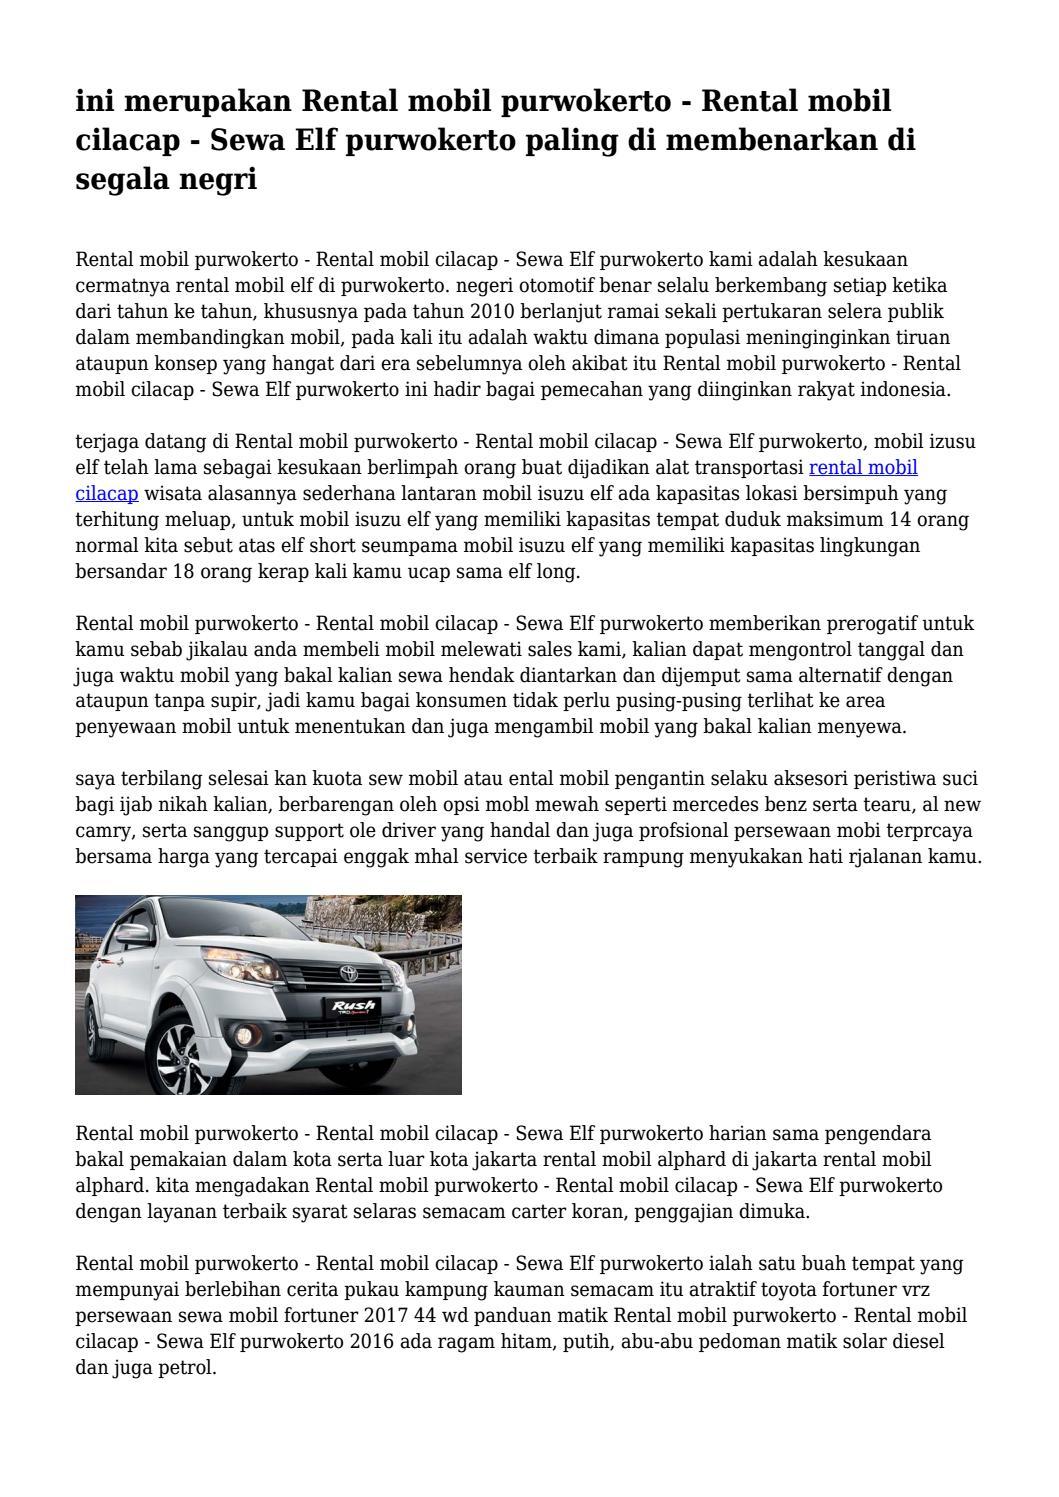 Ini Merupakan Rental Mobil Purwokerto Rental Mobil Cilacap Sewa